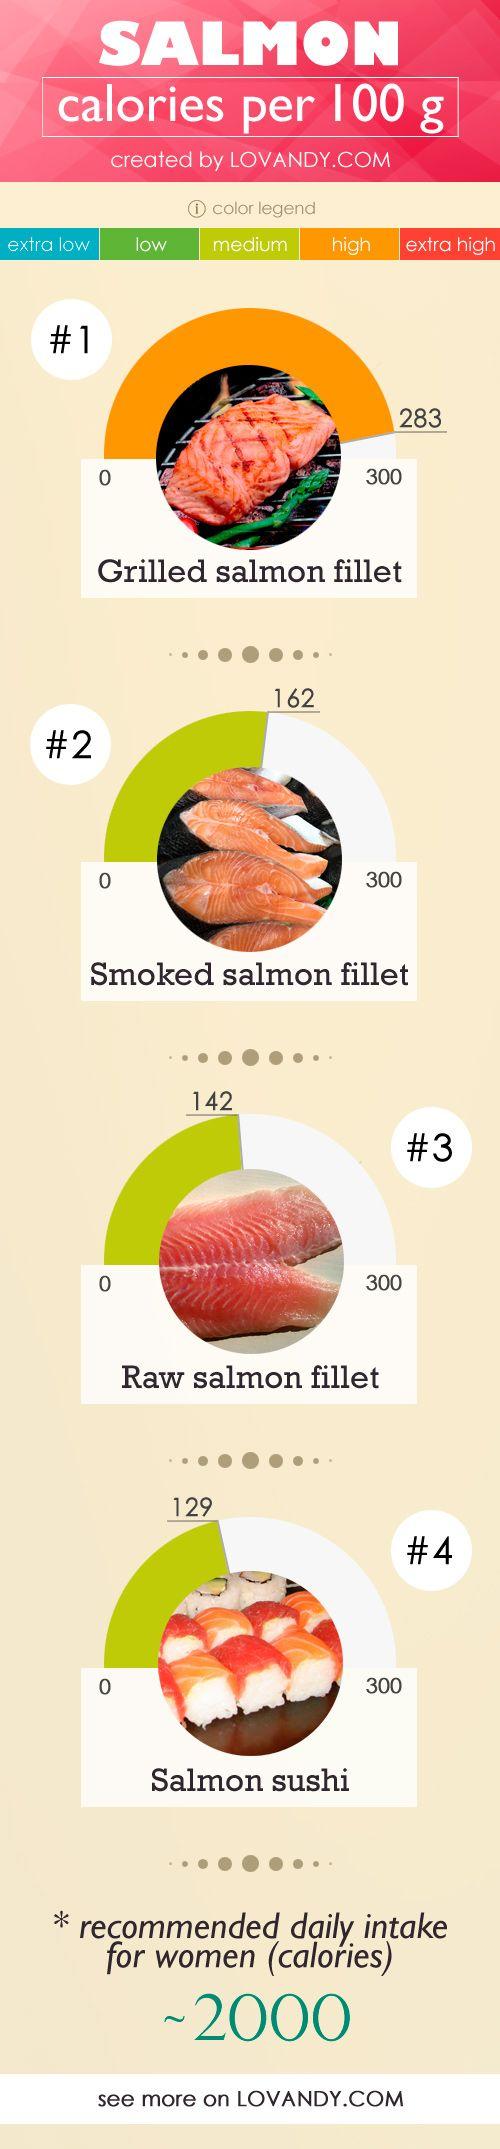 Calories In Salmon Fillet Sushi Sashimi In 100 G 6 Oz Potato Calories Salmon Calories Calorie